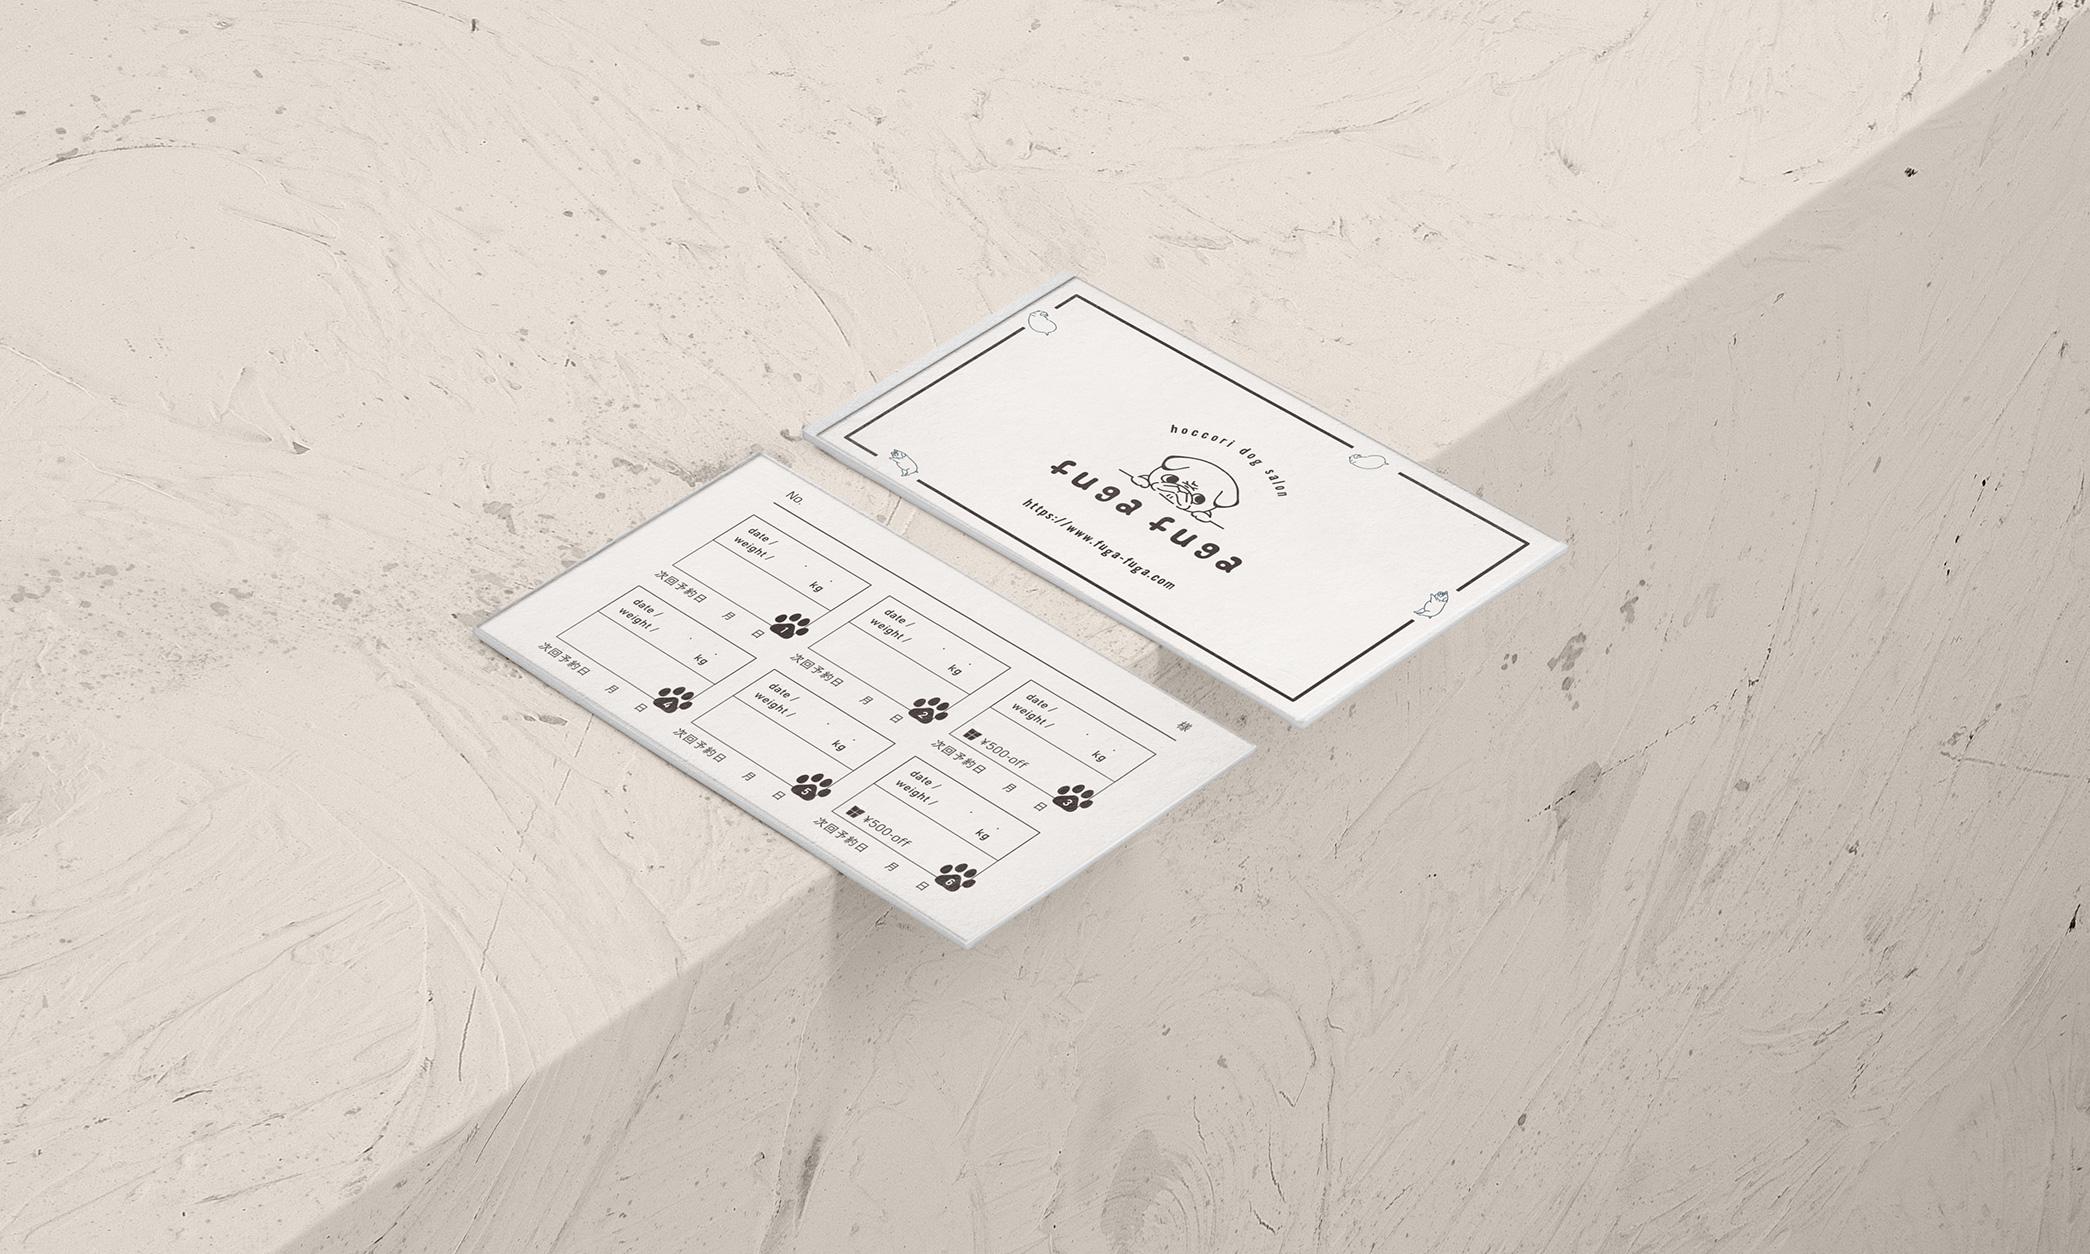 スタンプカード制作|長野(長野市・松本市)・東京・金沢(石川)のデザイン事務所 アプリコットデザイン